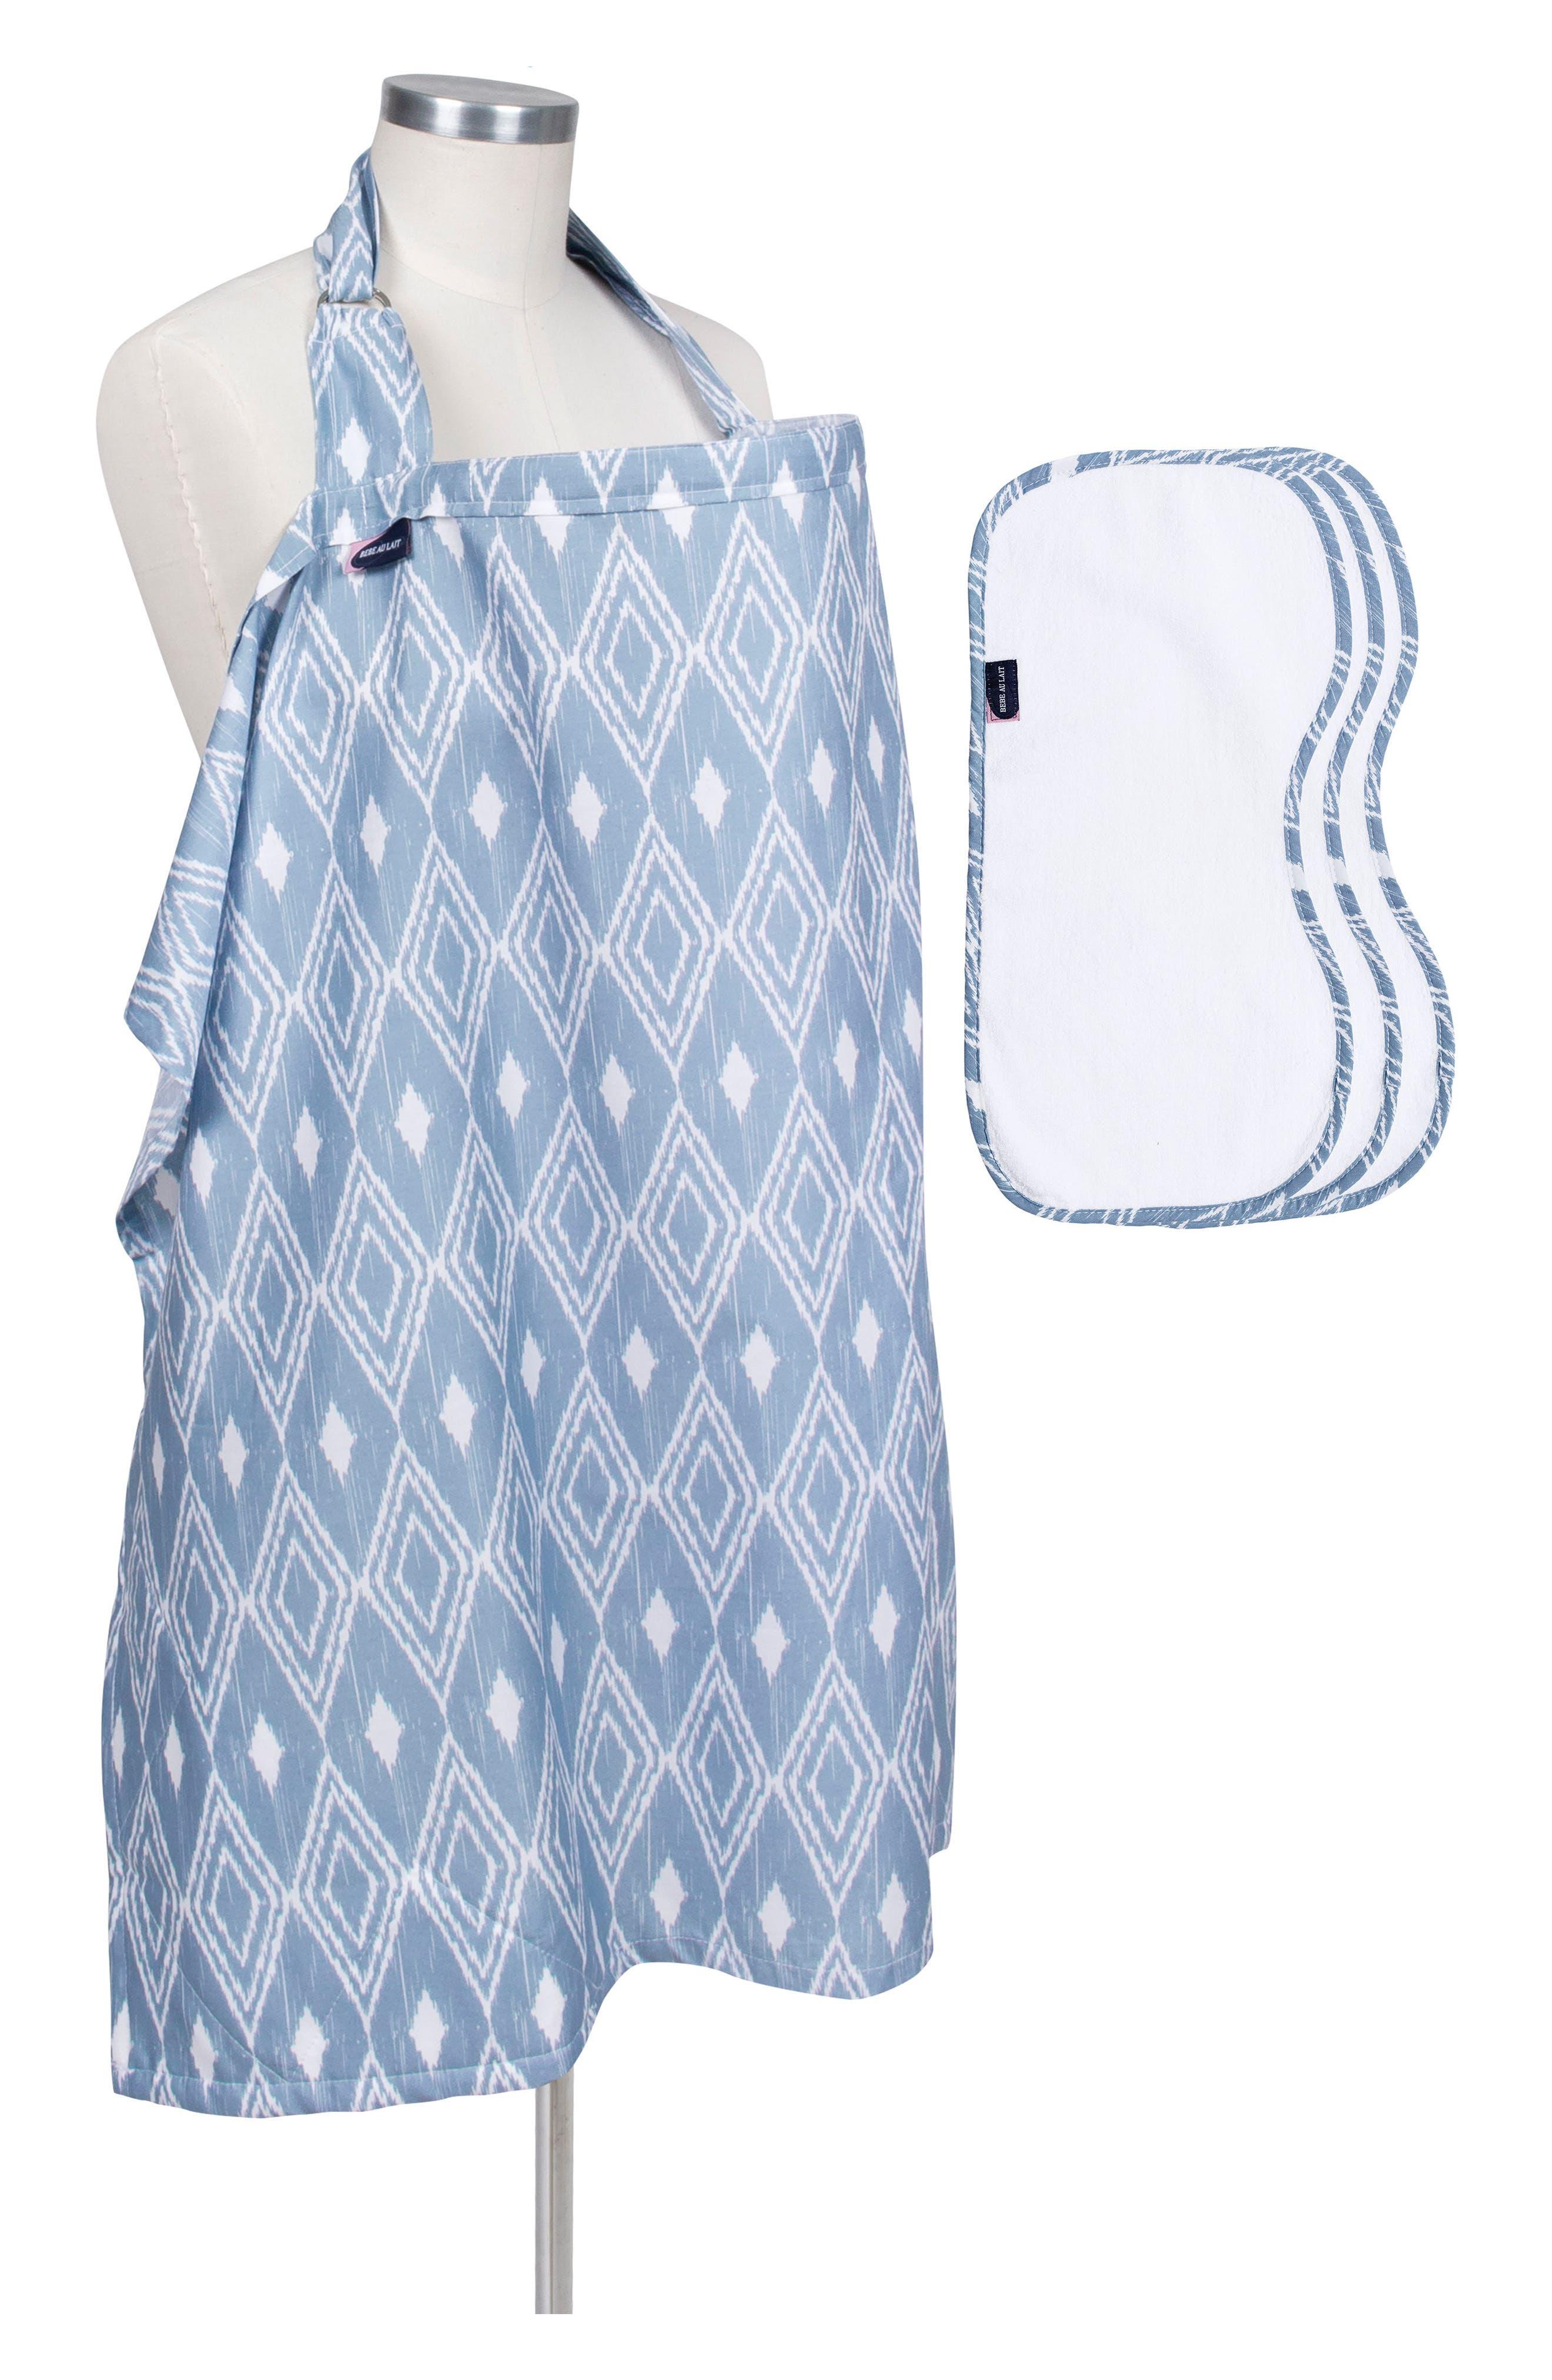 Alternate Image 1 Selected - Bébé au Lait Nursing Cover & Burp Cloth Set